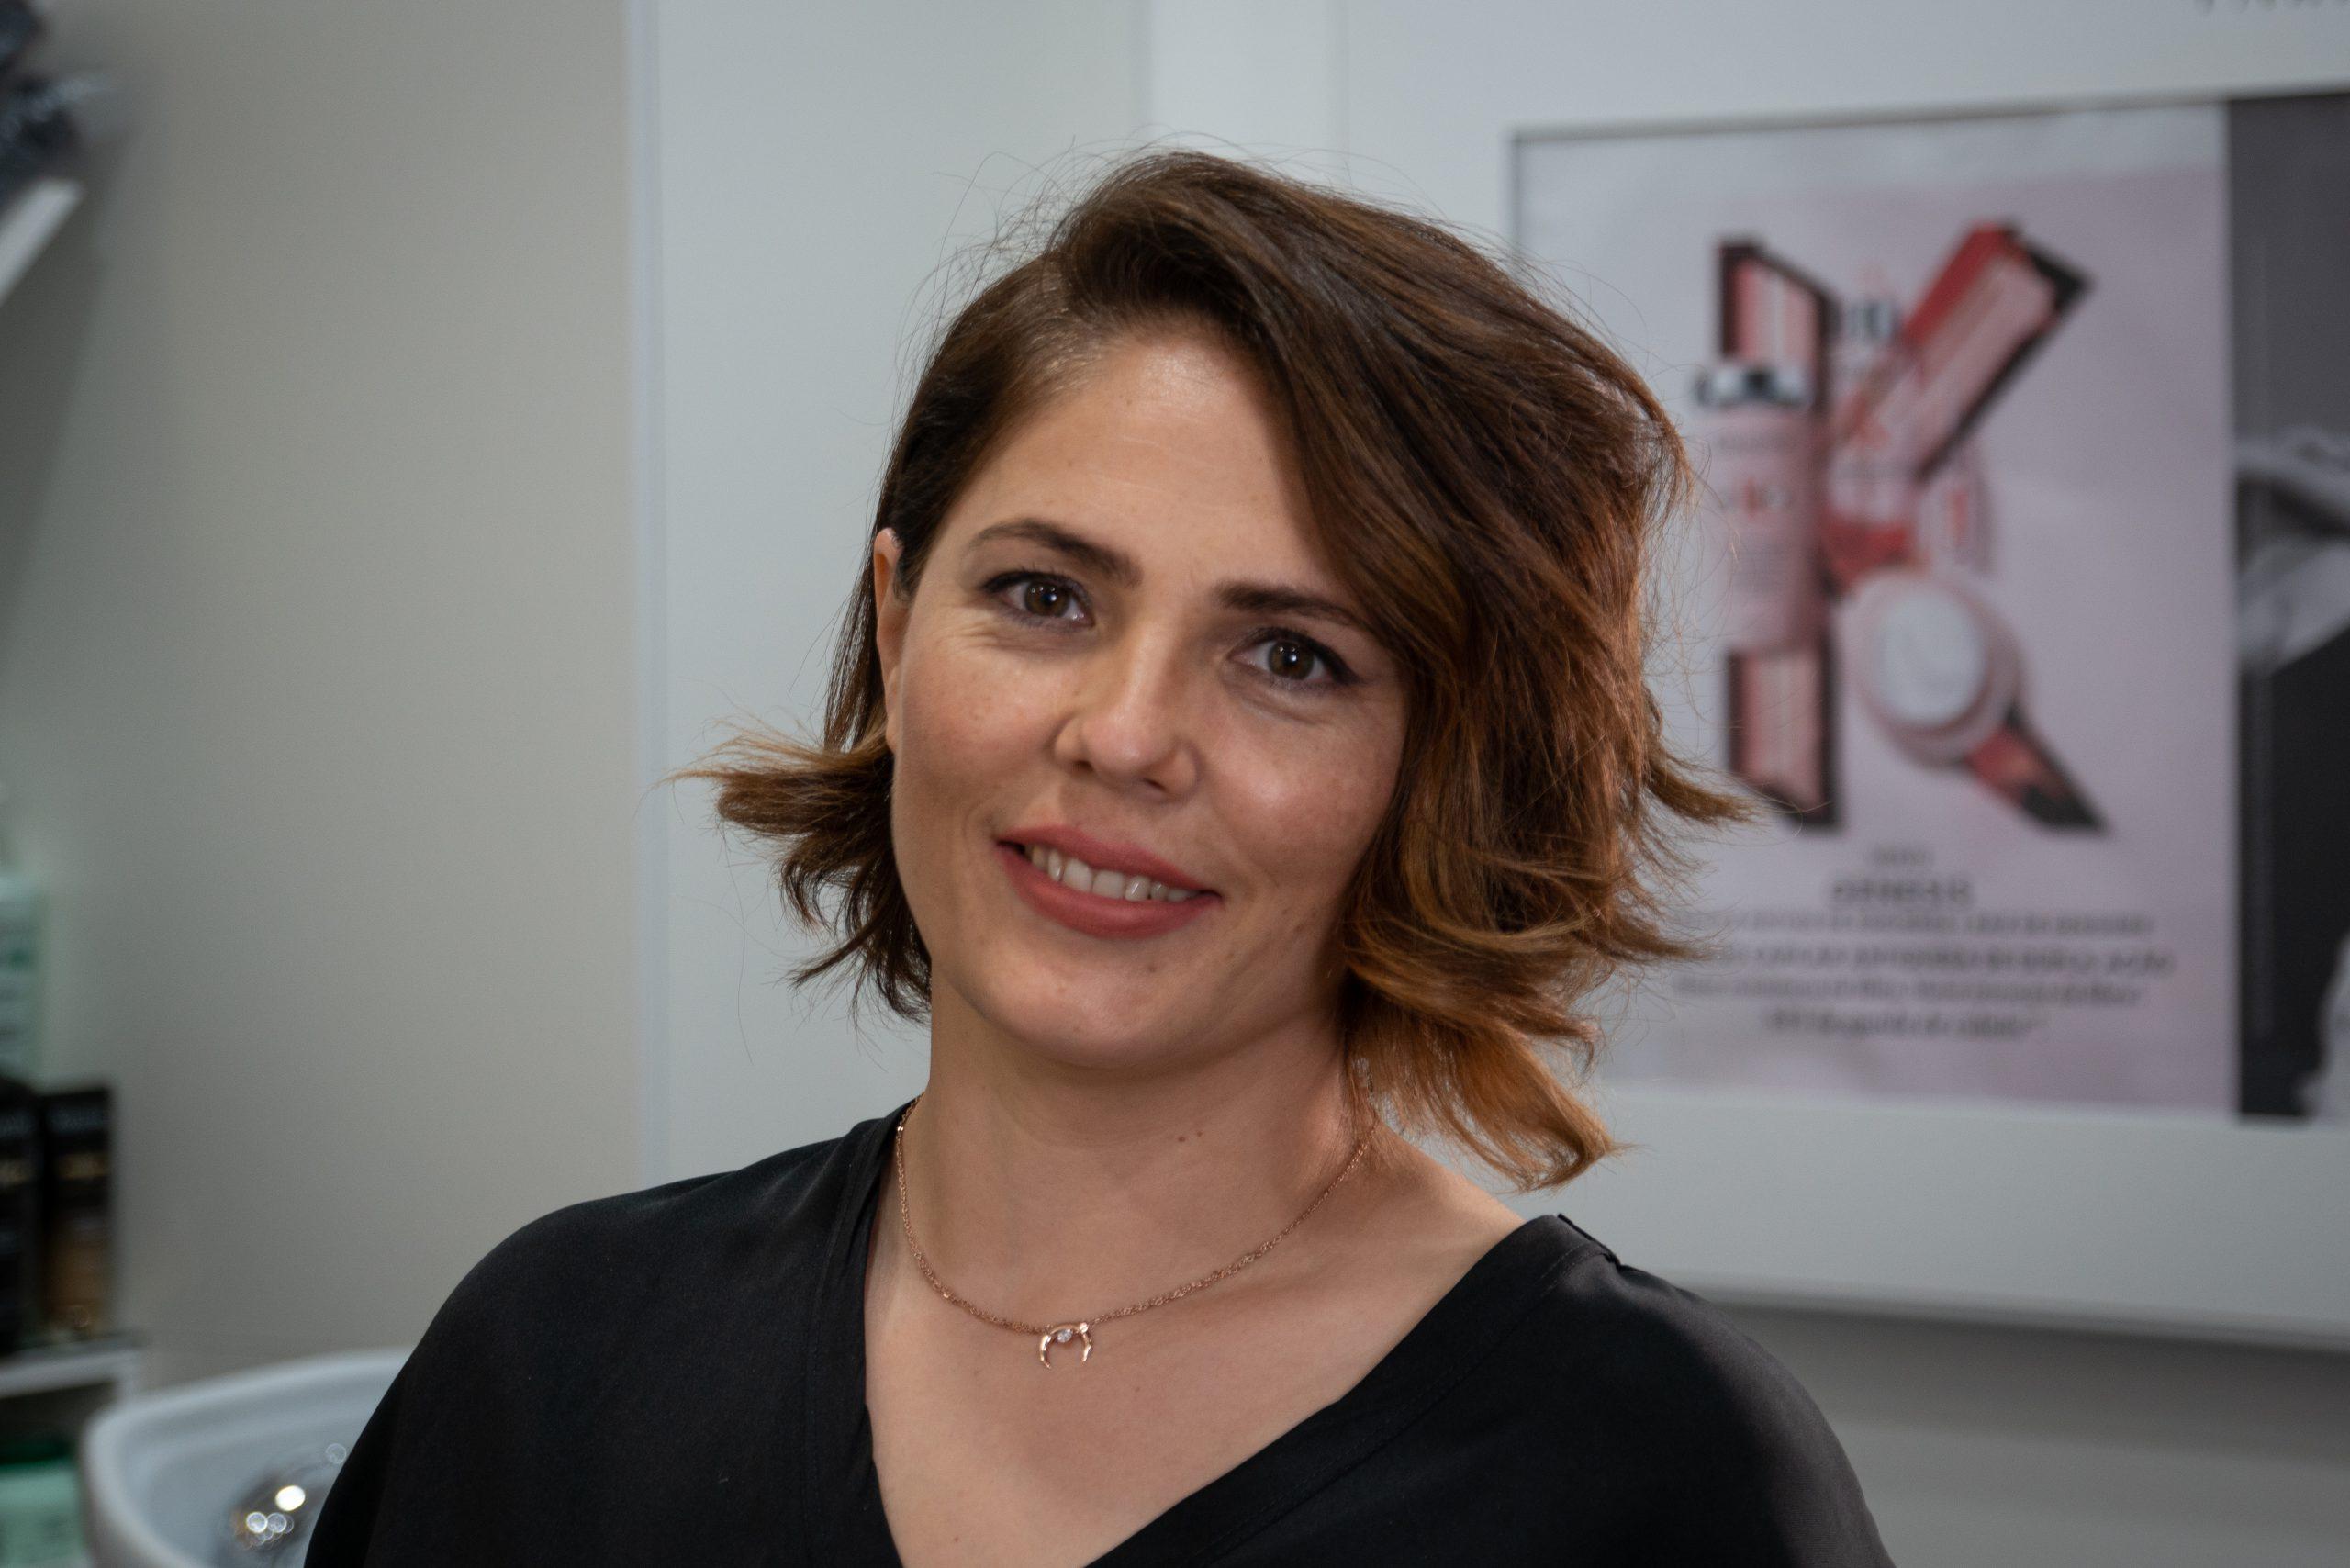 Polina Zaytseva